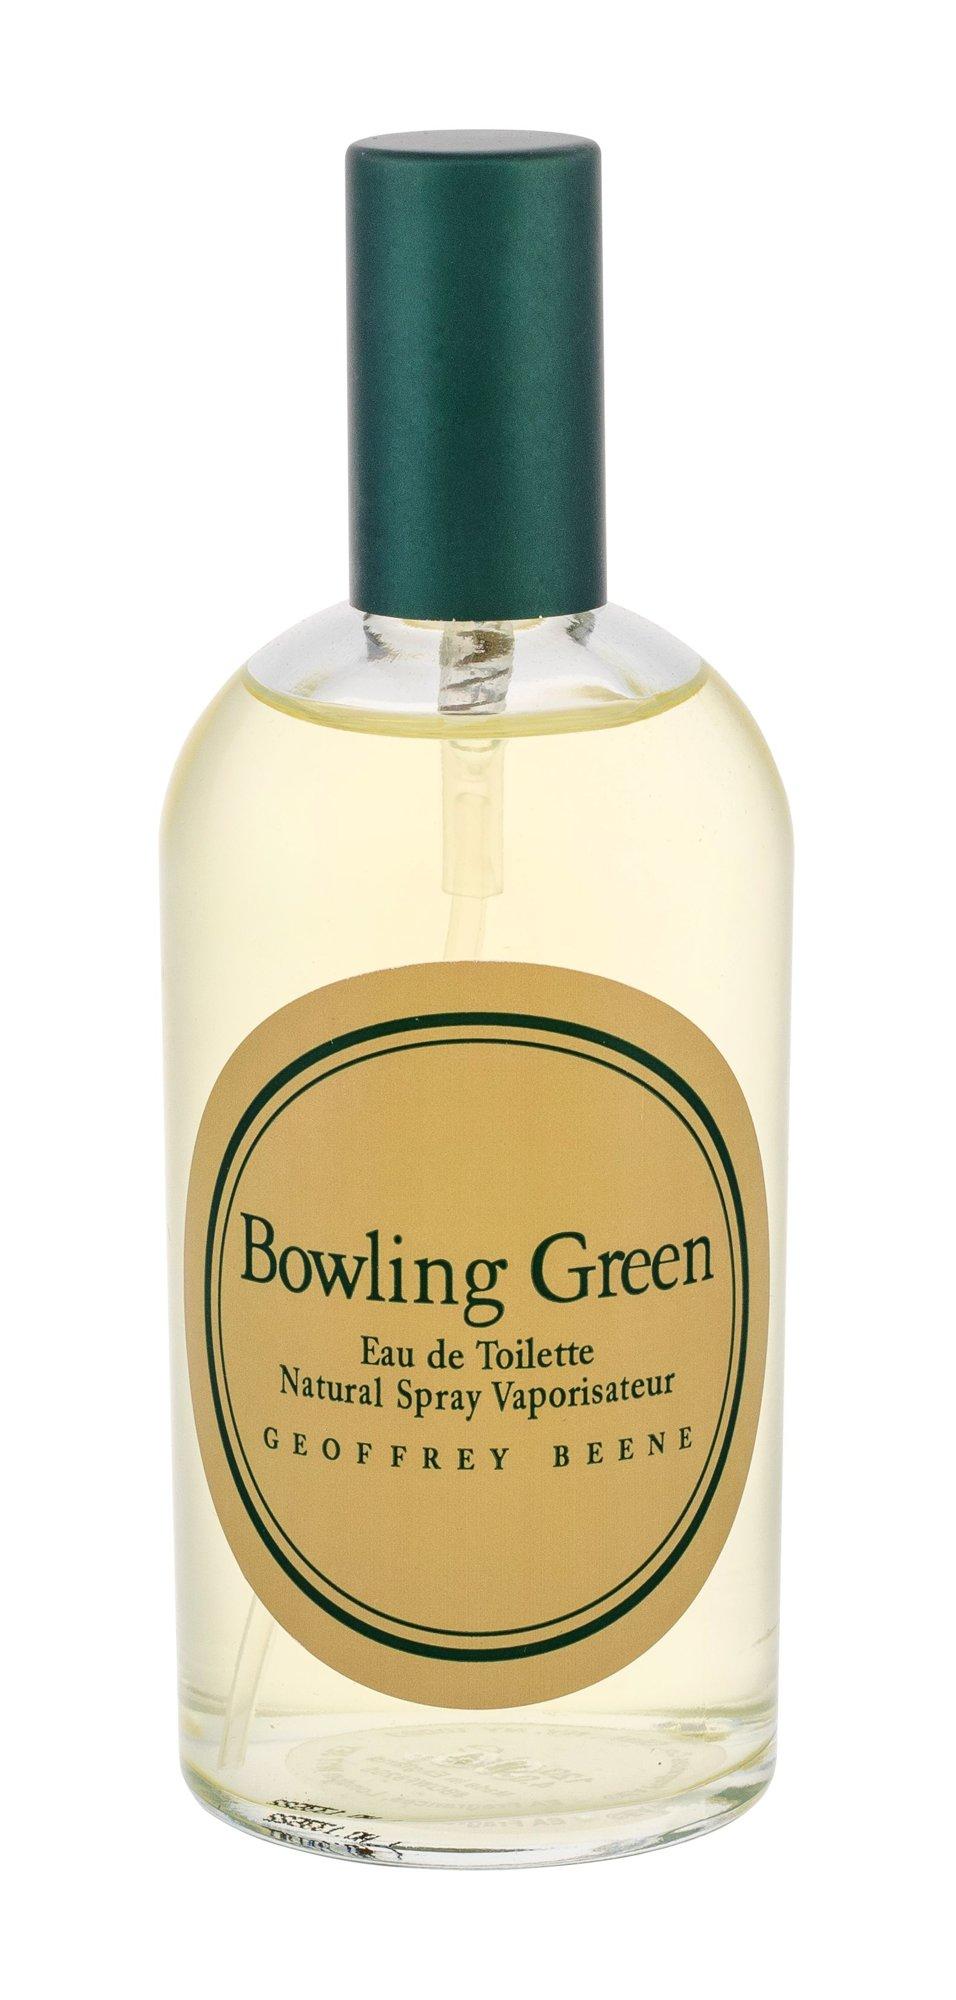 Geoffrey Beene Bowling Green Eau de Toilette 120ml